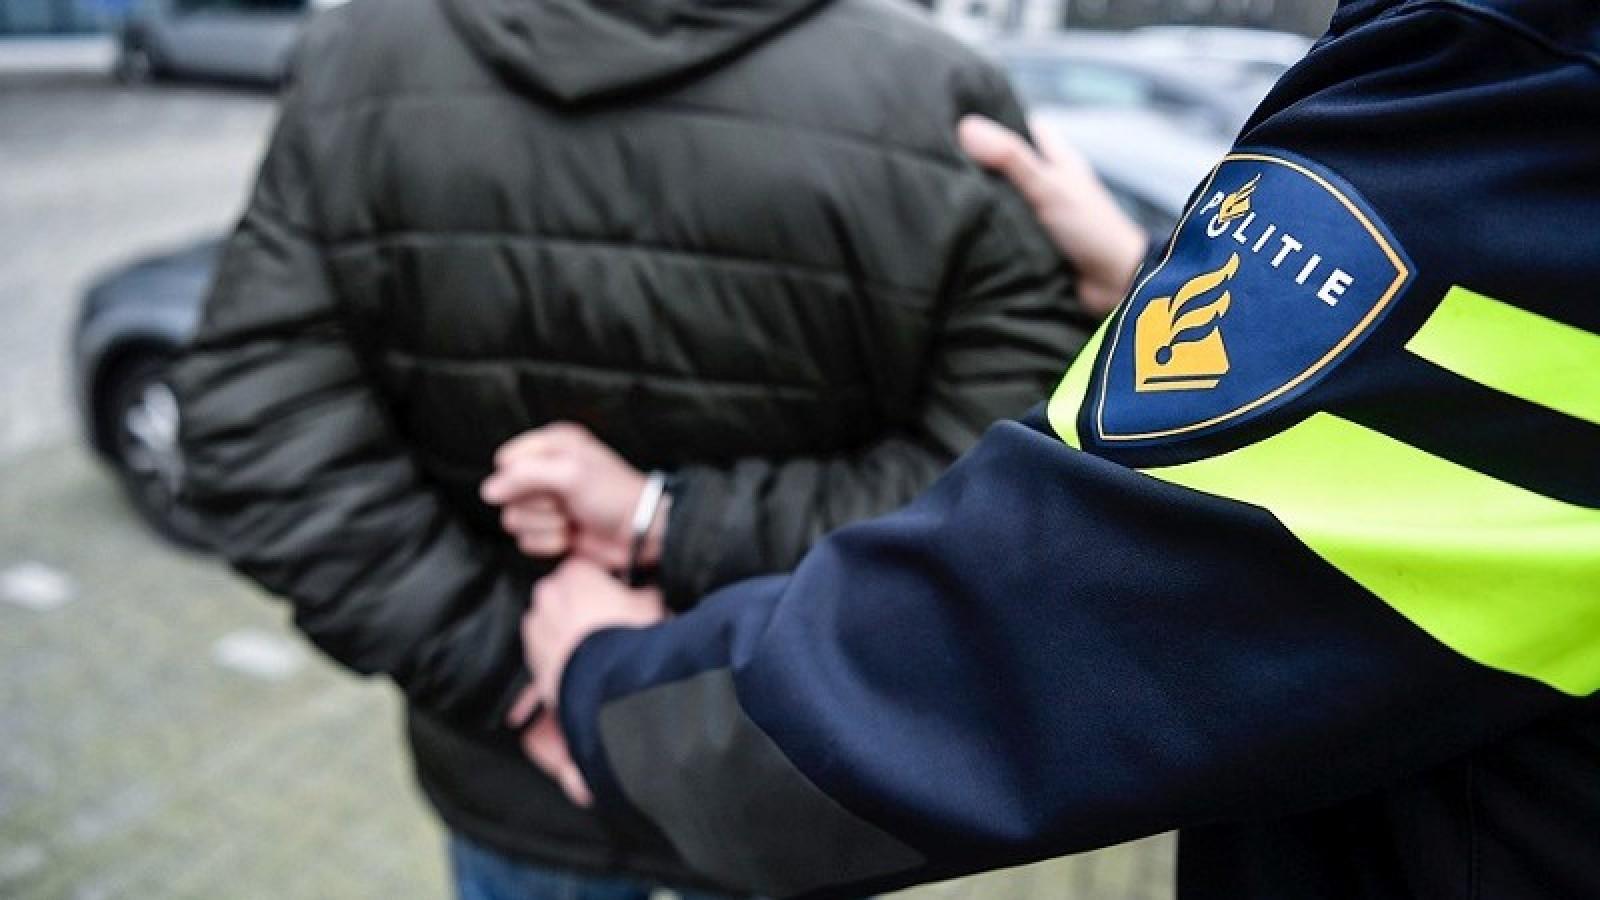 Verdachte gepakt voor gewelddadige beroving op Hilversumse vrouw